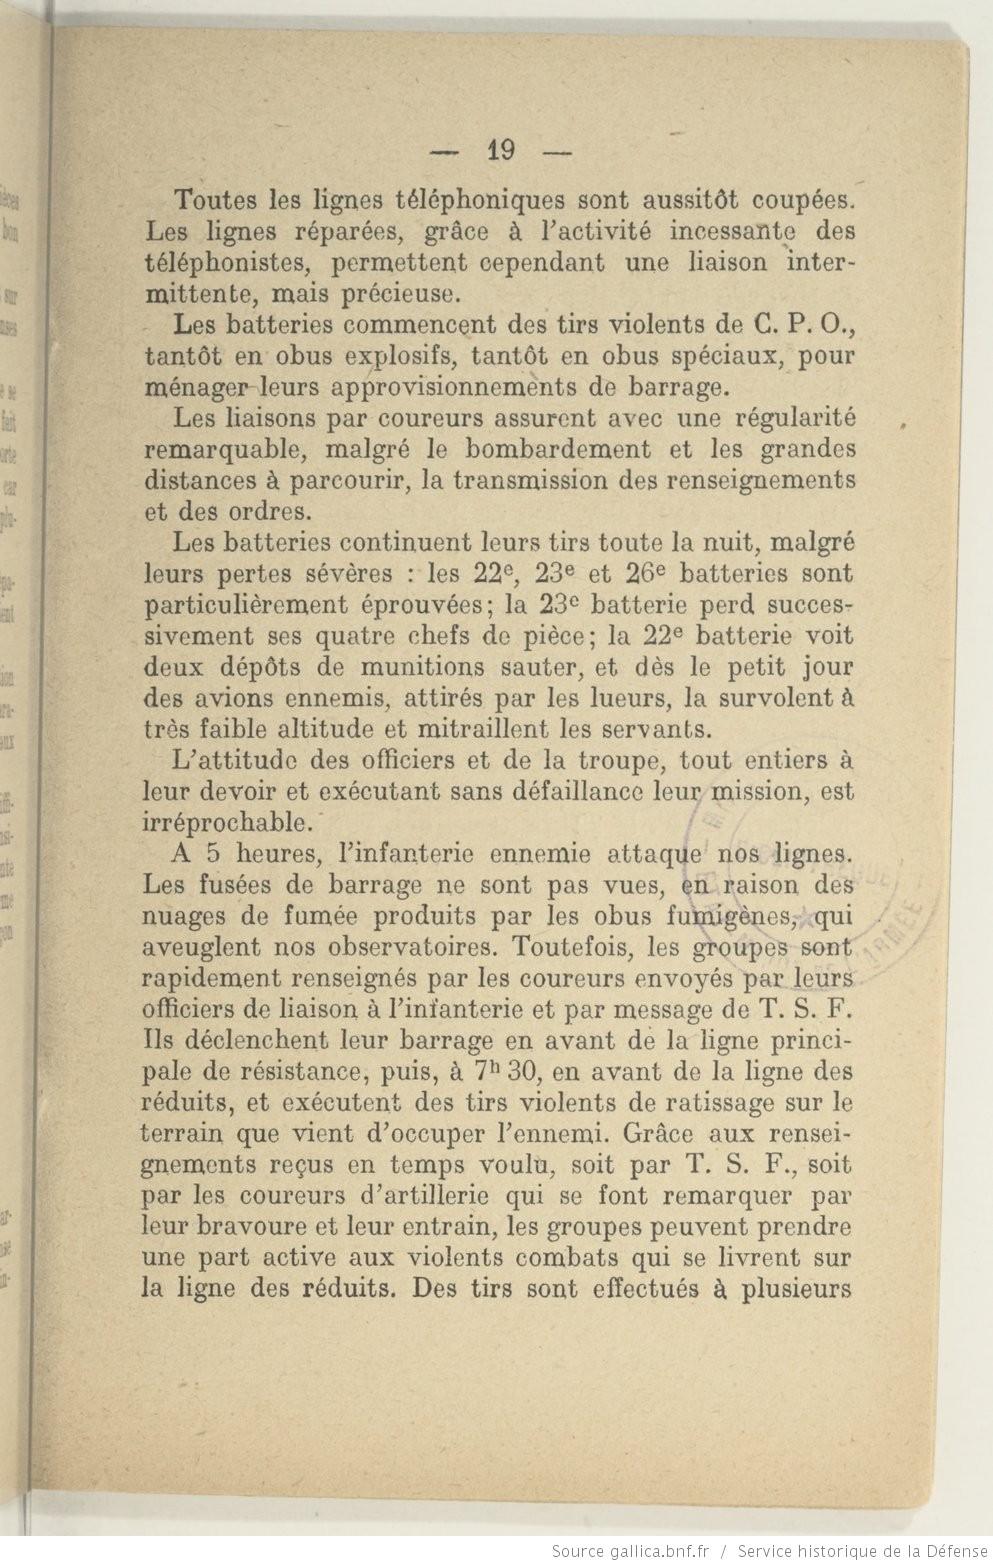 Historique du 243e regiment d artillerie bpt6k6227229k 3